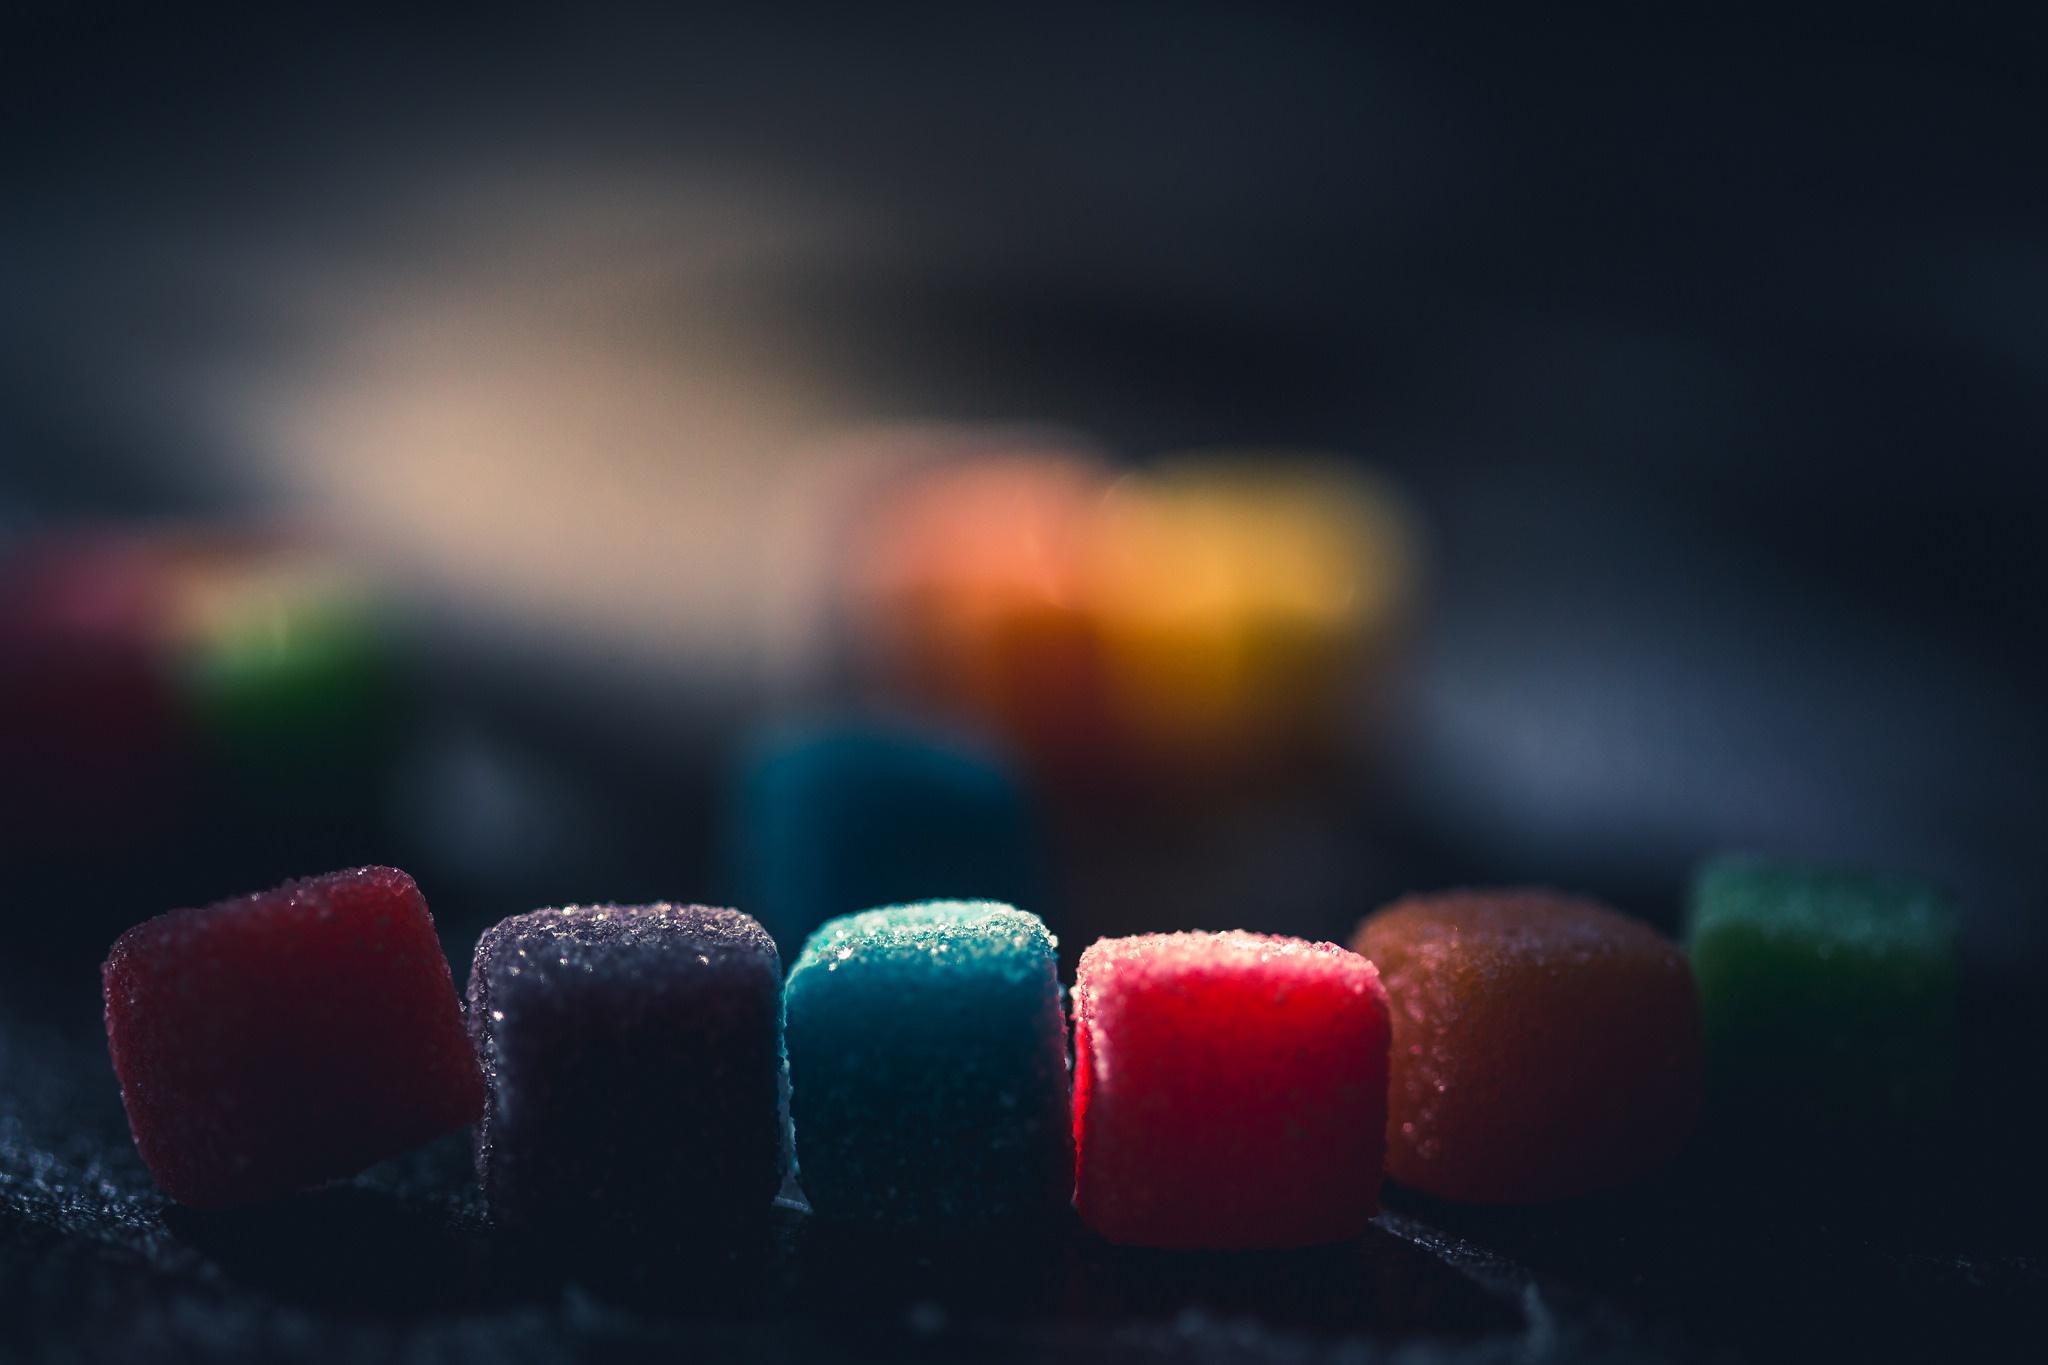 Wallpaper Dark Colorful Sweets Food Macro 2048x1365